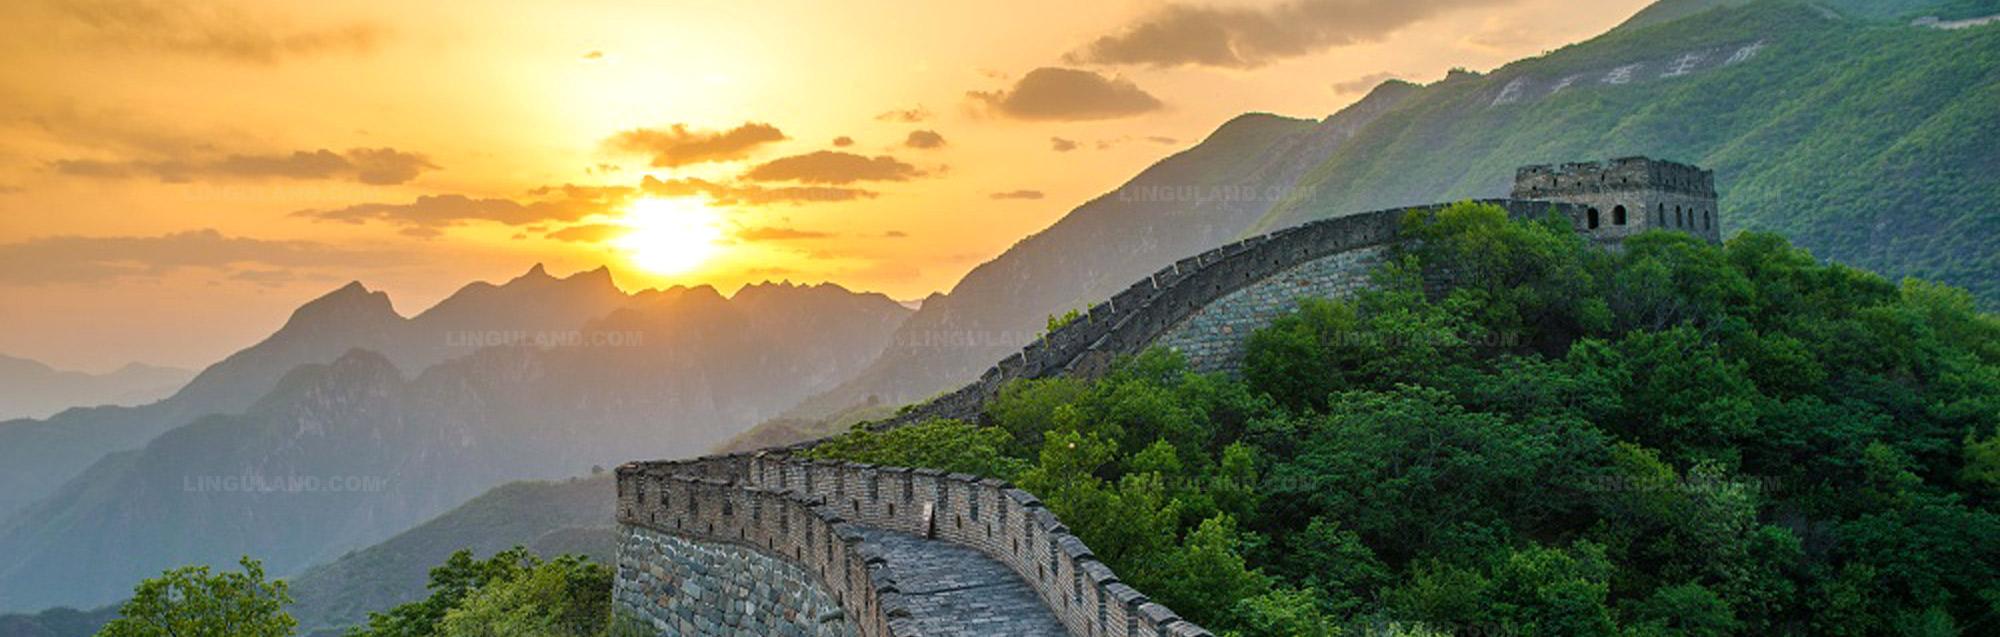 Écoles de langue en Chine